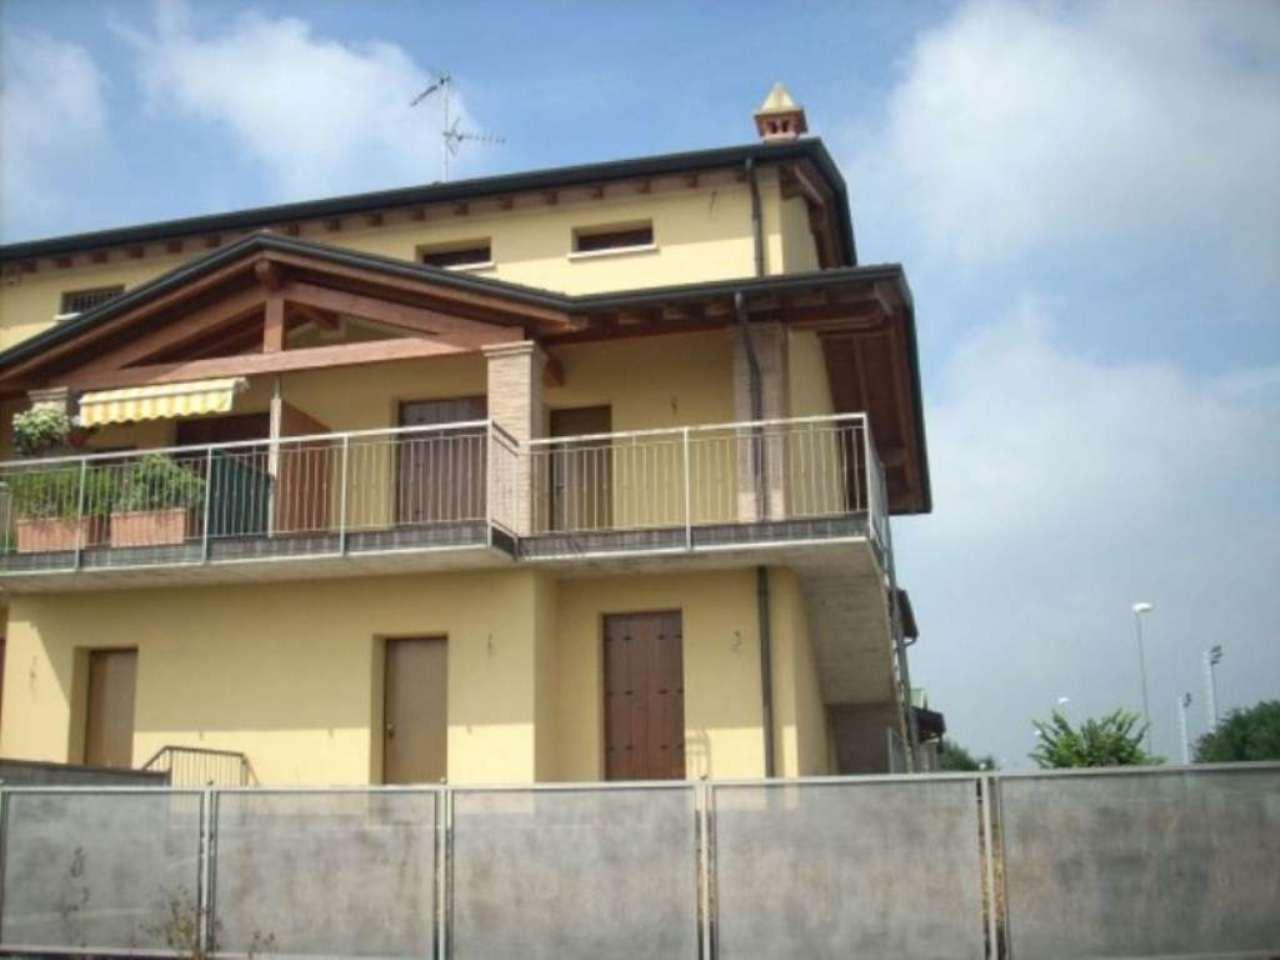 Appartamento in vendita a Fontanella, 3 locali, prezzo € 125.000 | Cambio Casa.it